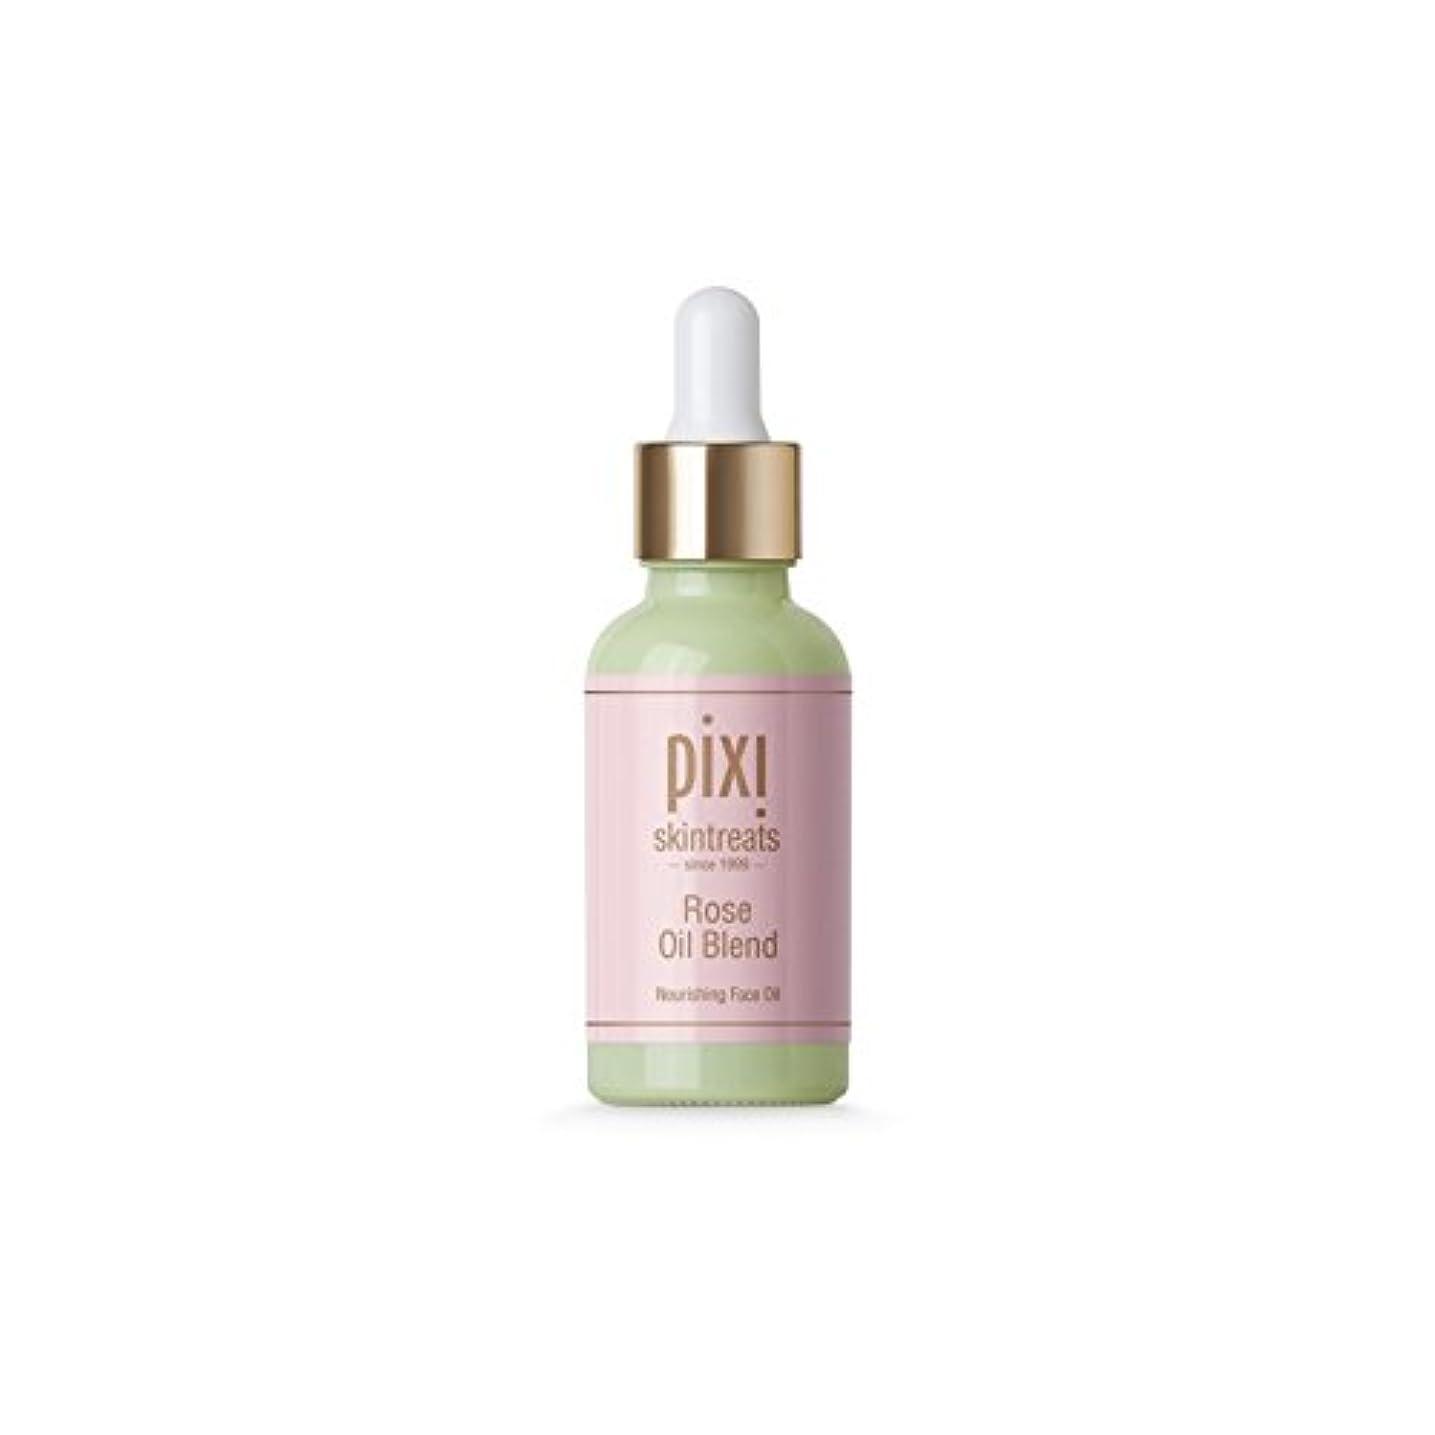 スイス人たっぷり劇作家は、油ブレンドをバラ x2 - Pixi Rose Oil Blend (Pack of 2) [並行輸入品]